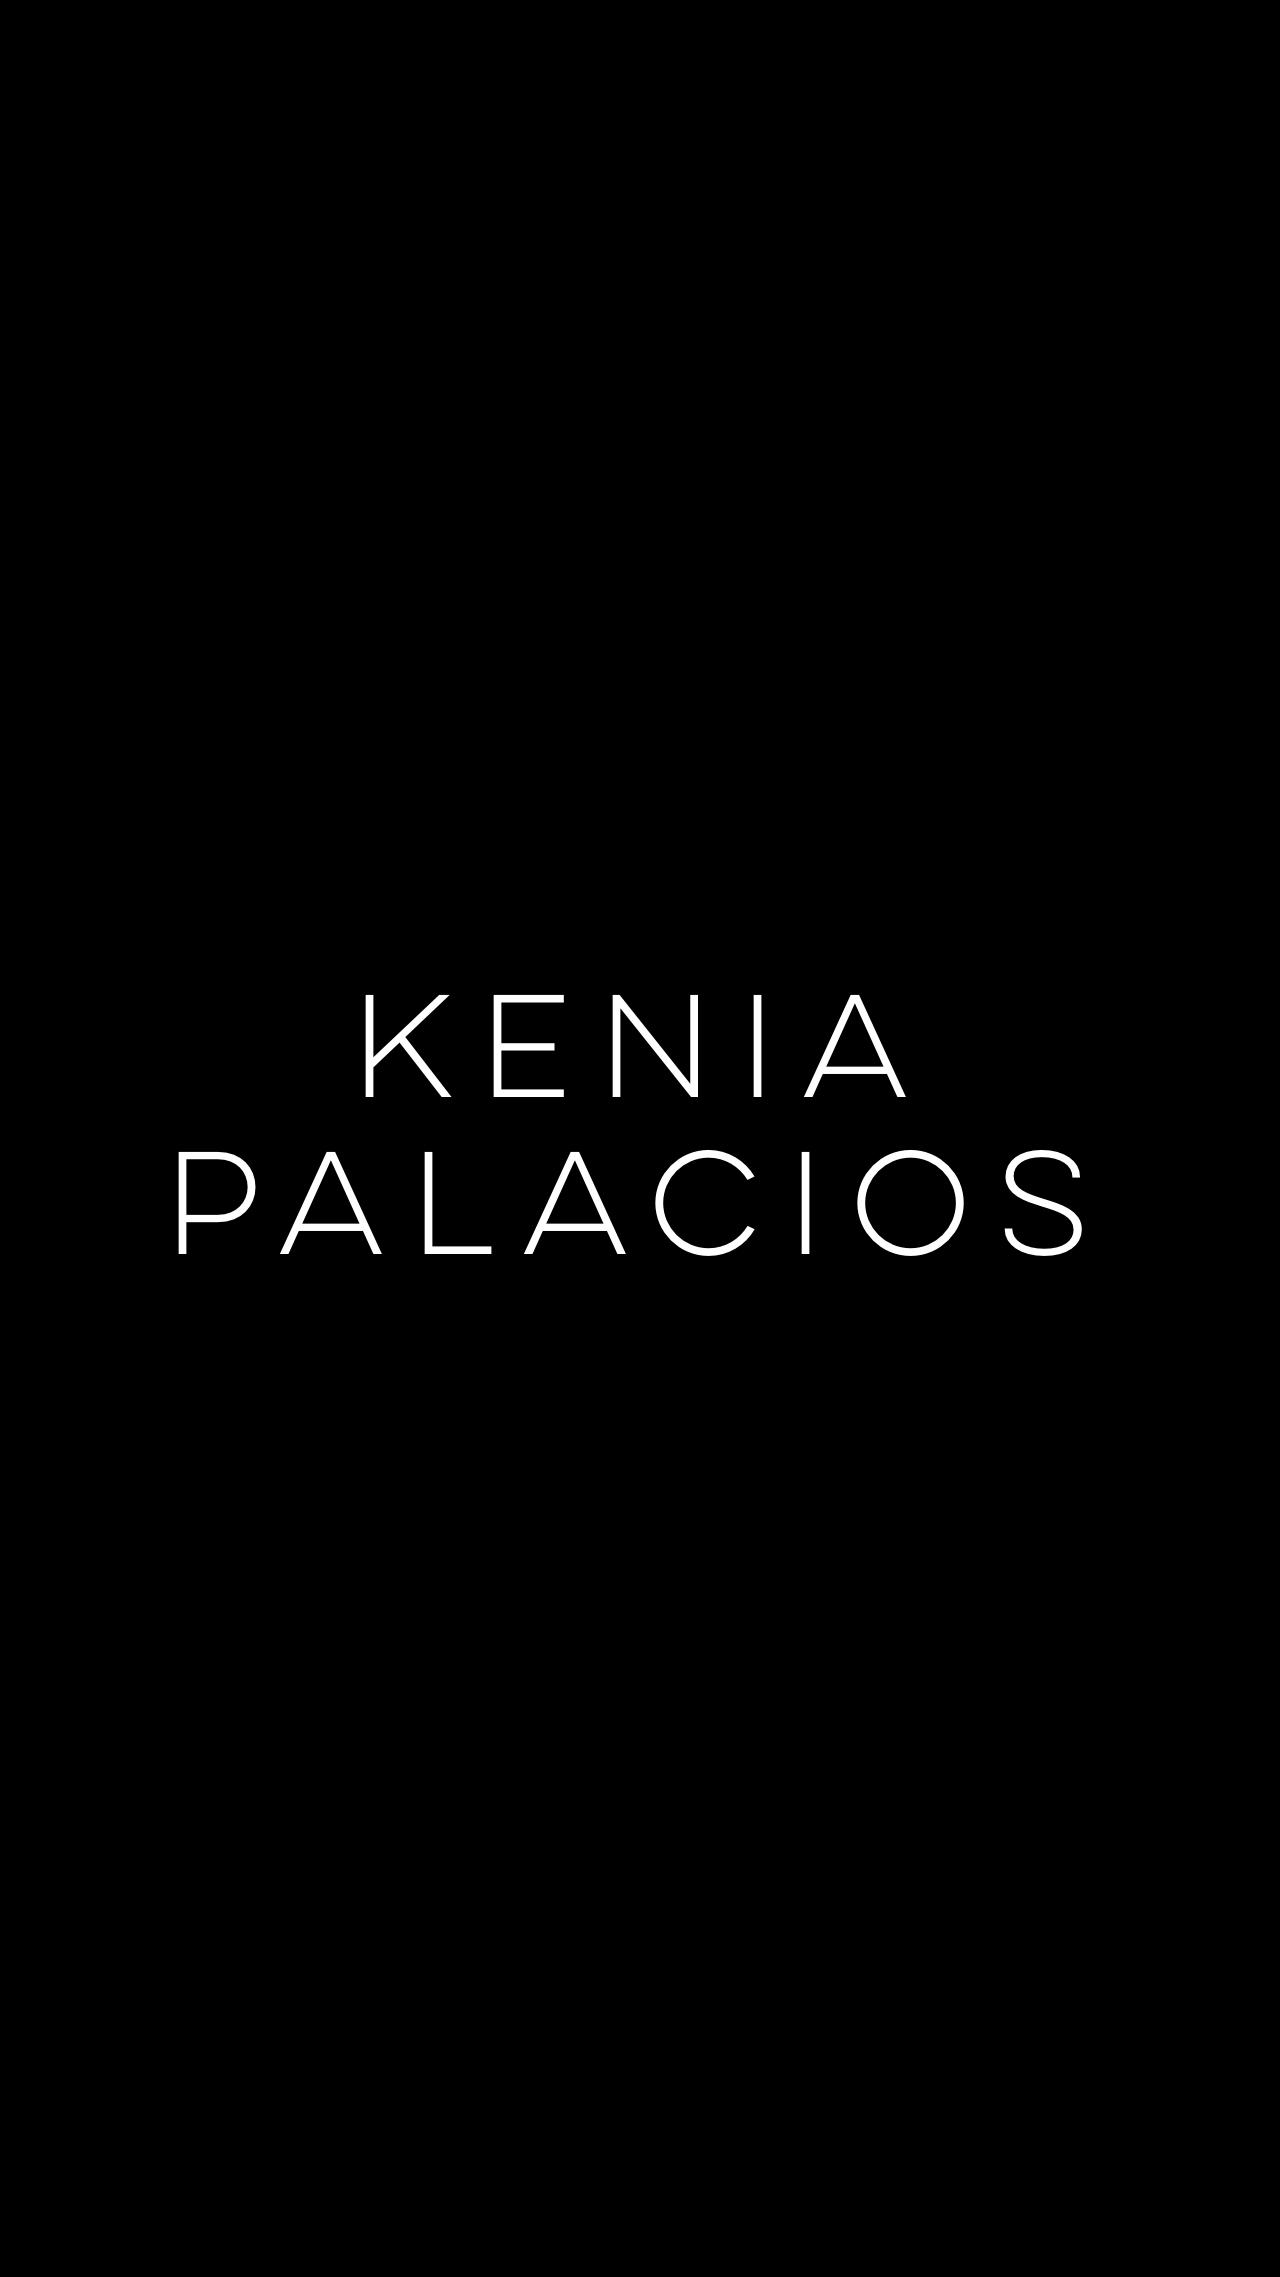 KENIA PALACIOS.jpg